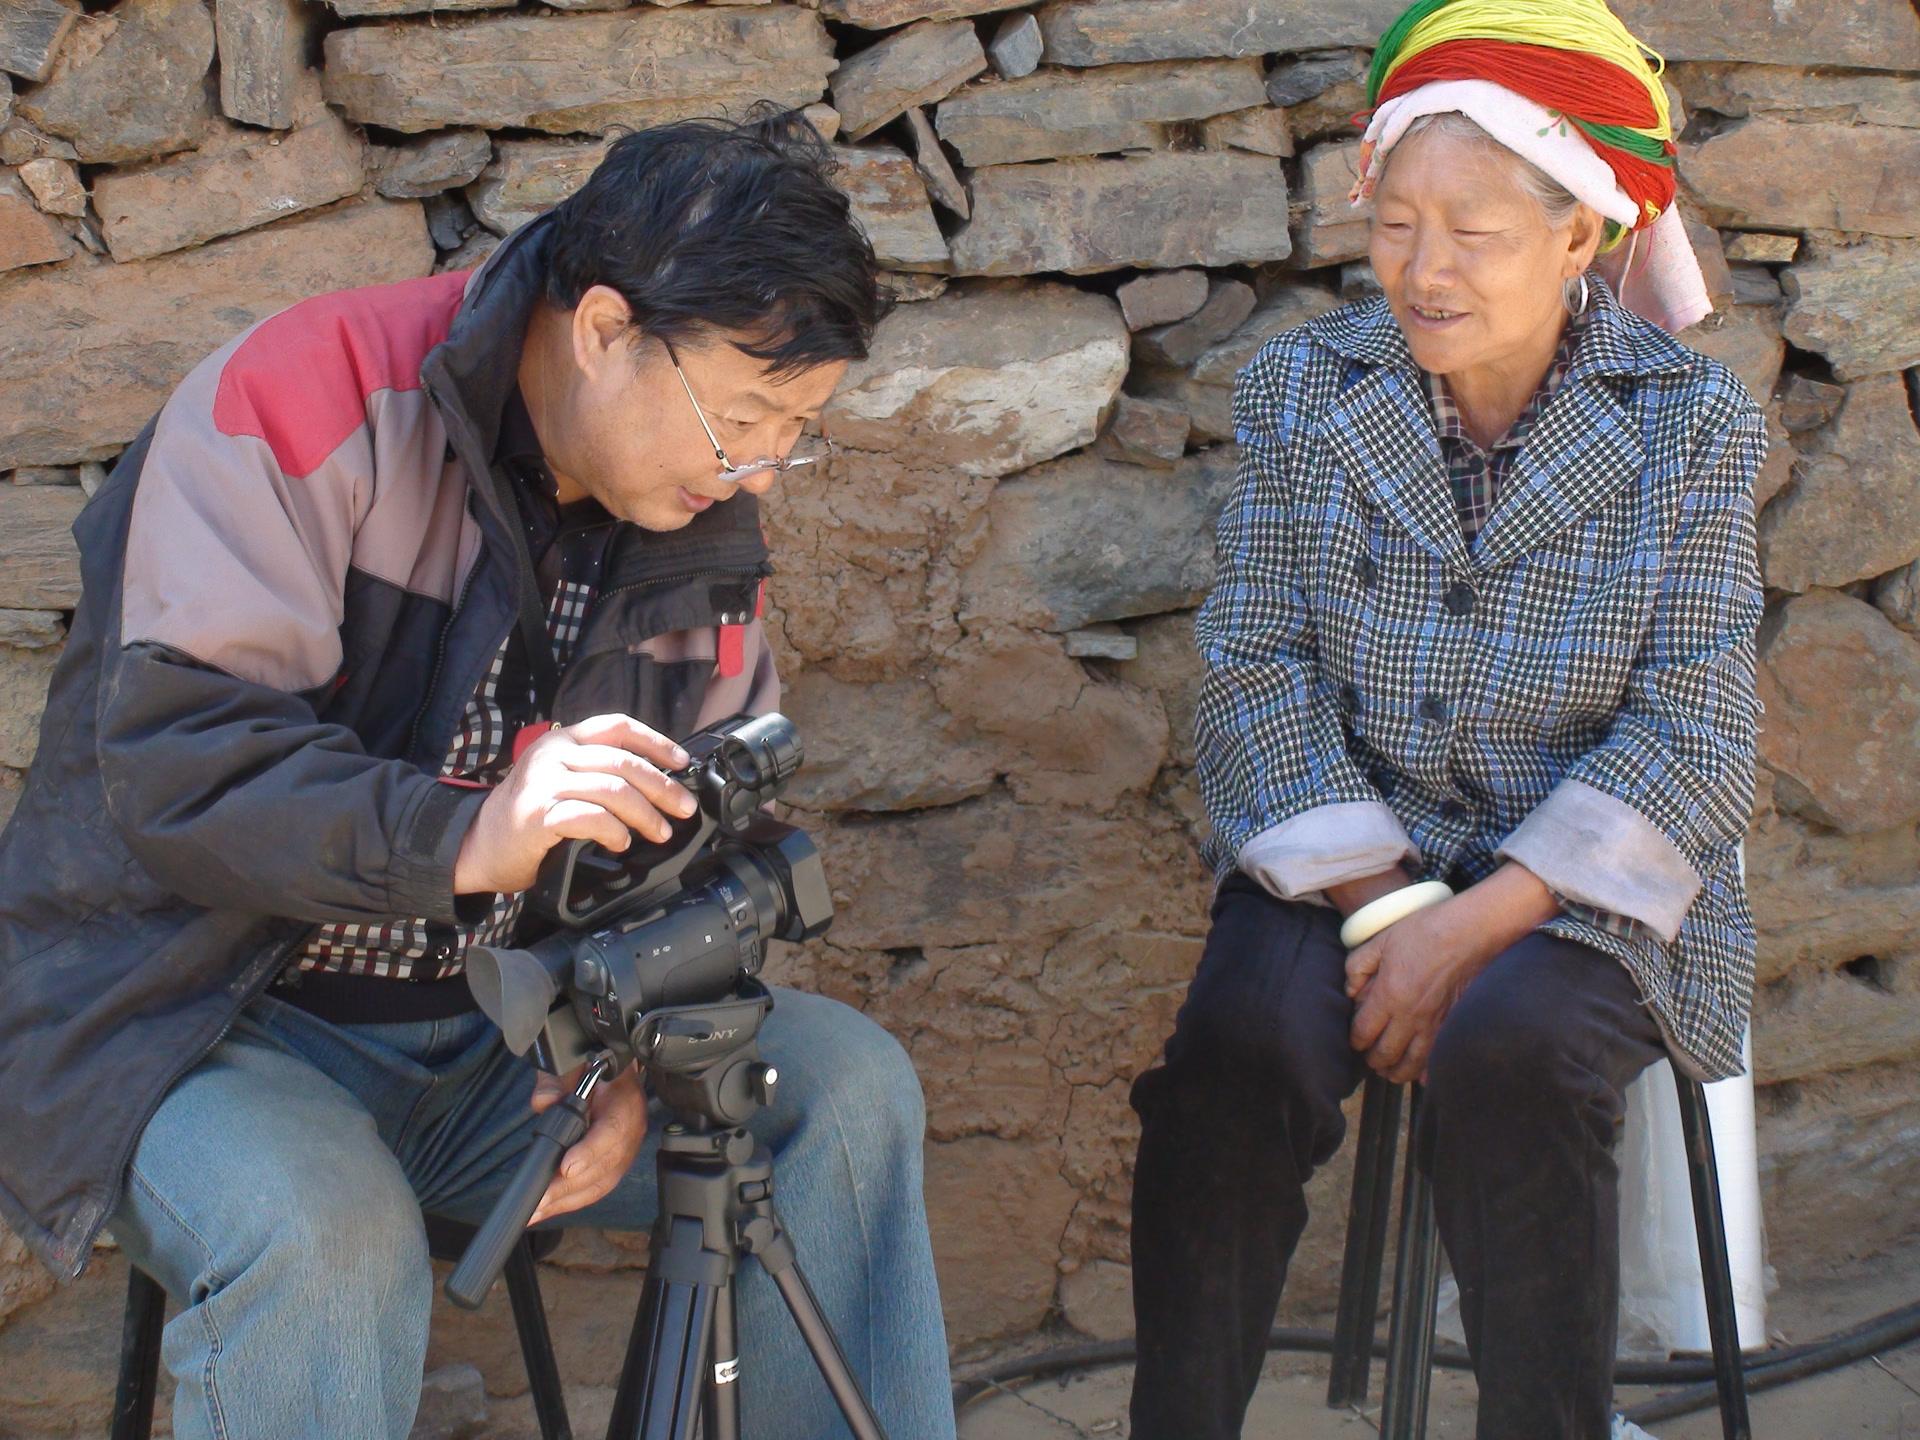 Enregistrement de chansons traditionnelles Lizu, canton de Kala, comté de Muli, avril 2015 ; photo Wang Xuecai (王学才)